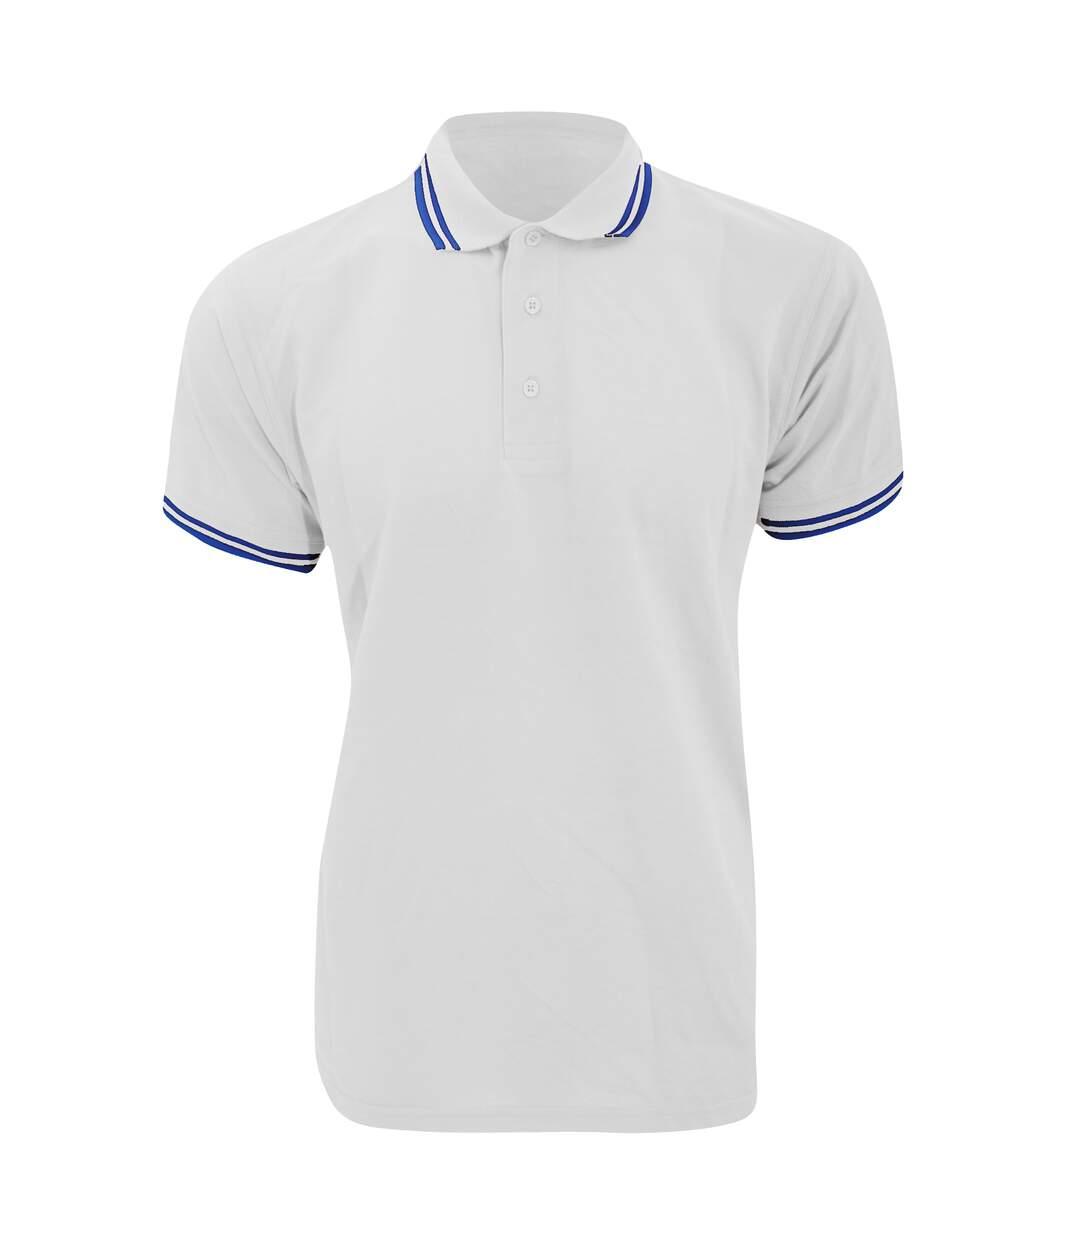 Kustom Kit Mens Tipped Piqué Short Sleeve Polo Shirt (White/Navy) - UTBC613